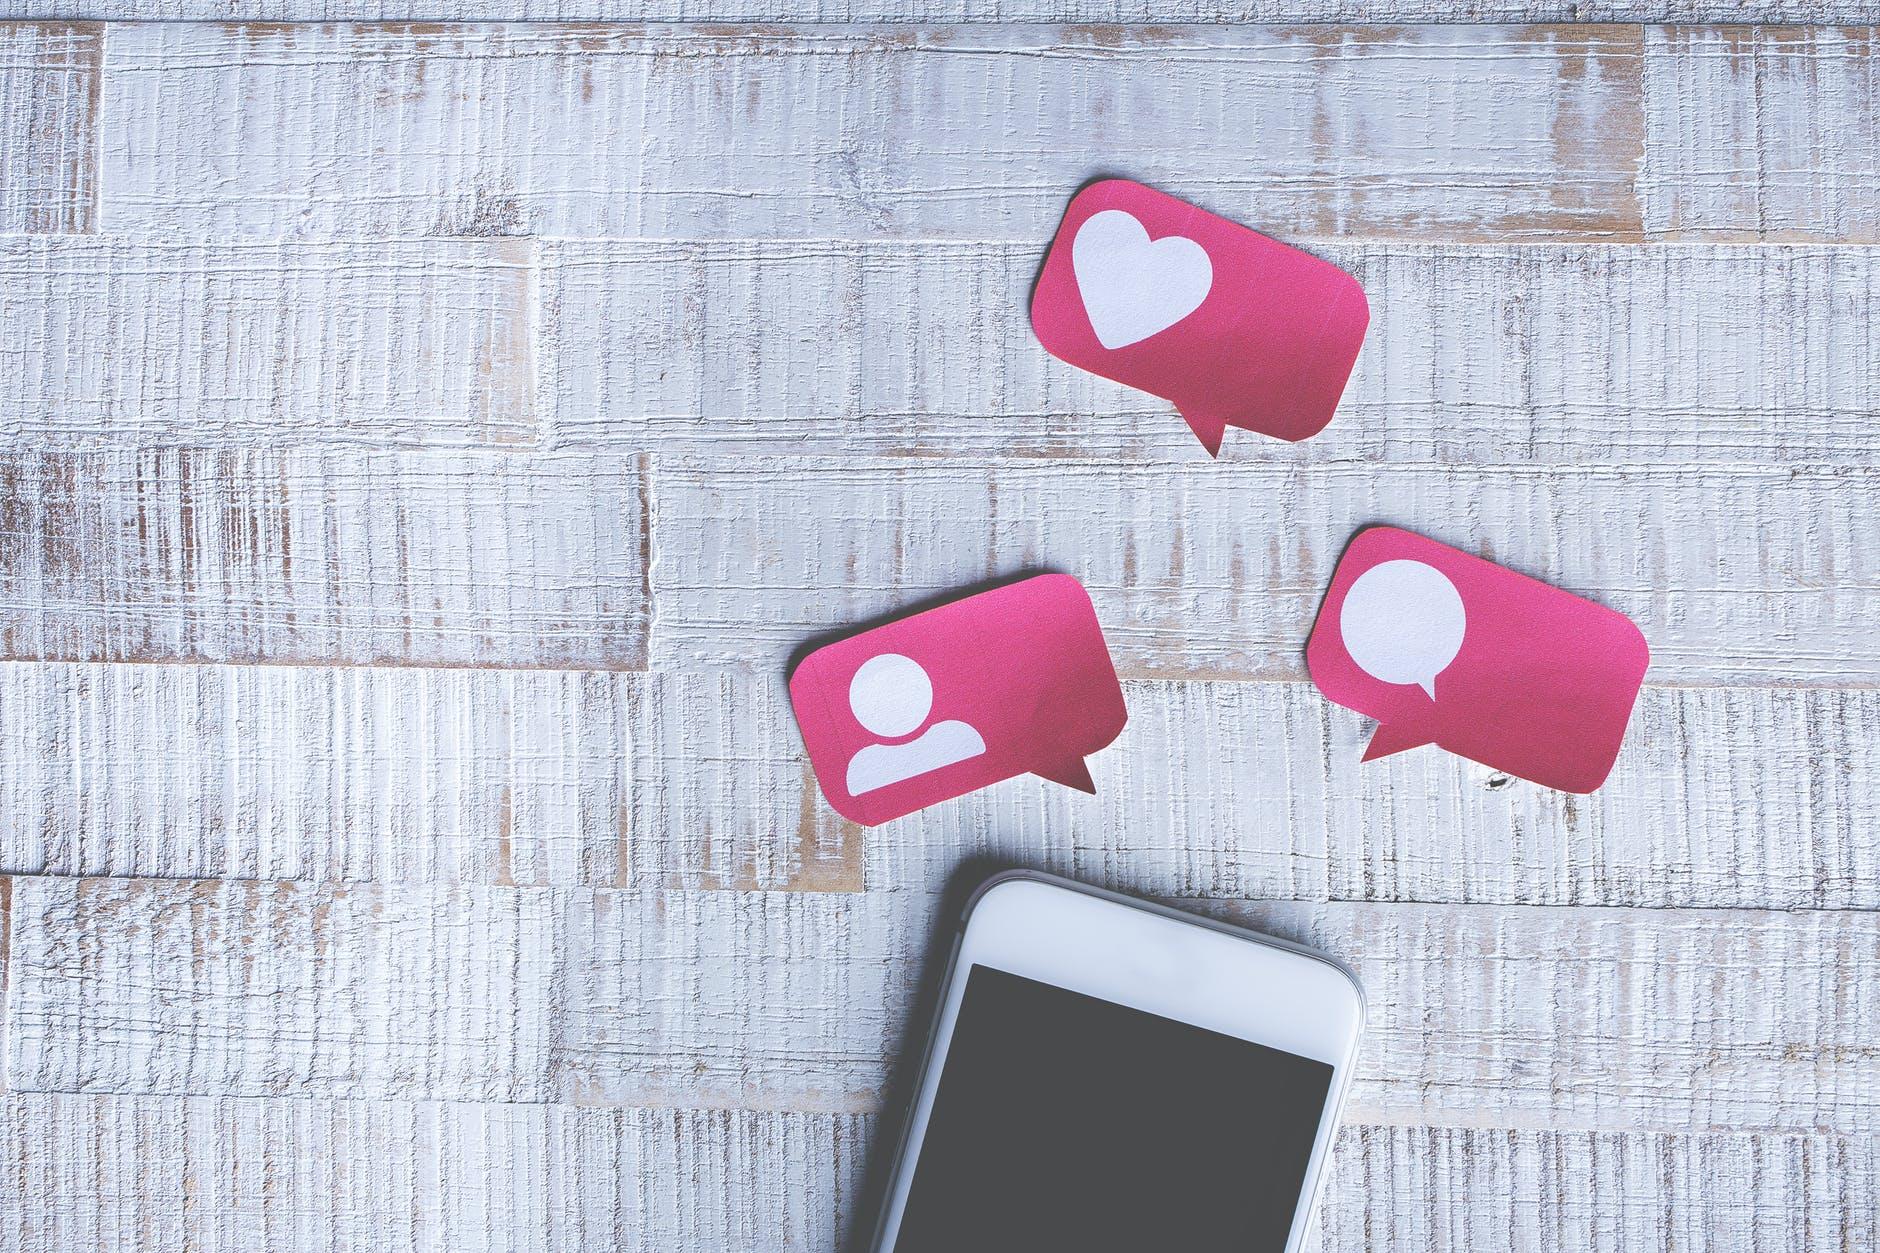 6 tendências de marketing de mídia social que você não pode ignorar em 2021